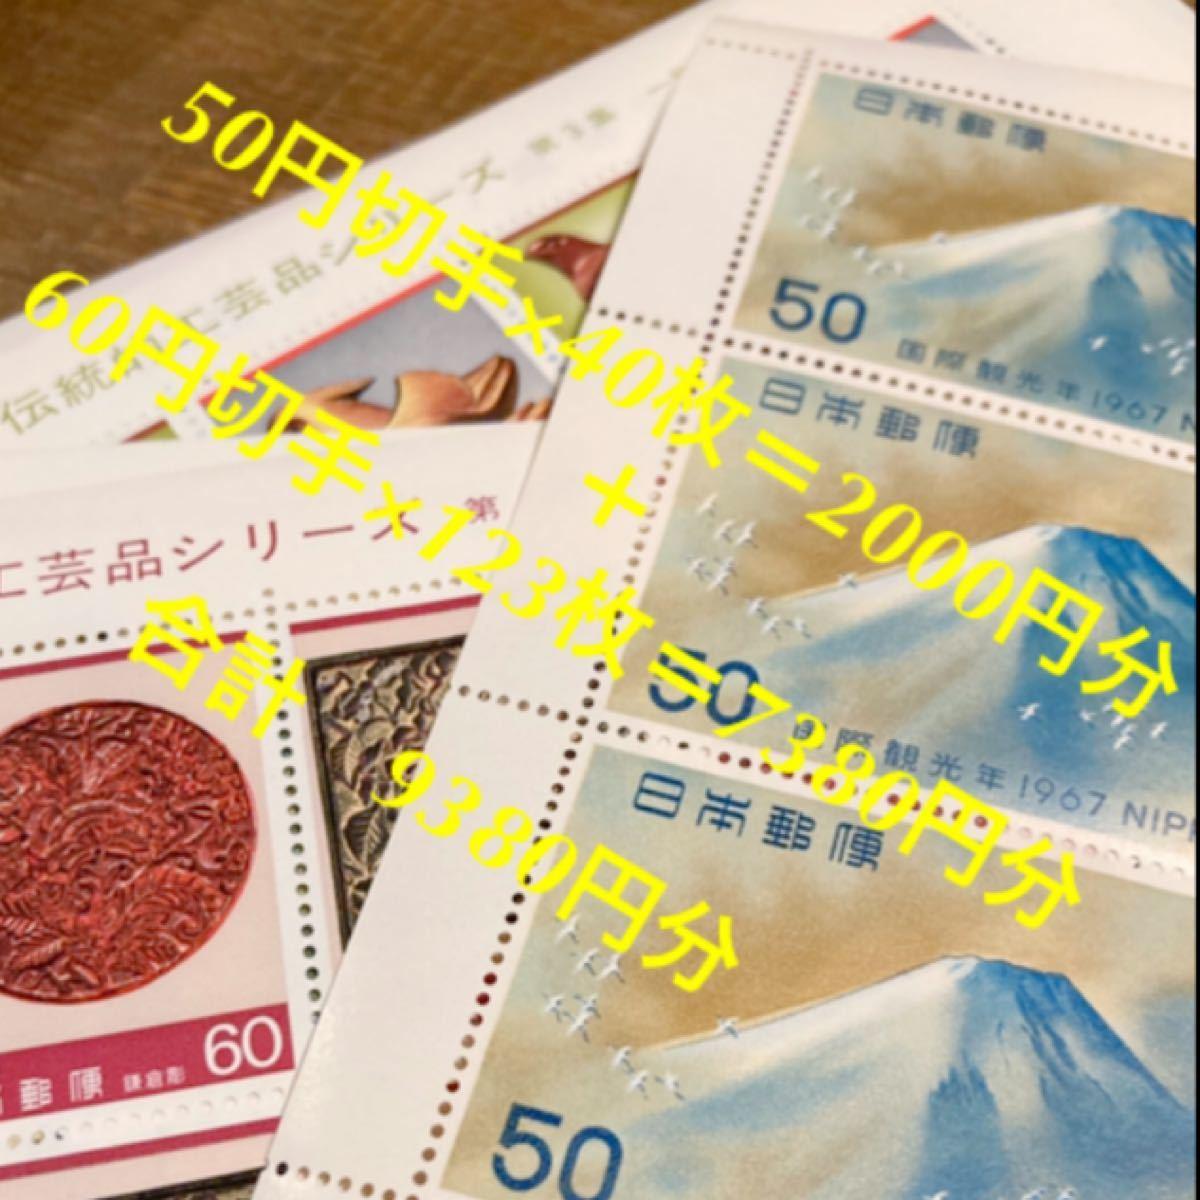 切手シート 50円切手×40枚=2000円分 + 60円切手×123枚=7380円分 合計9380円分 定形外 郵便